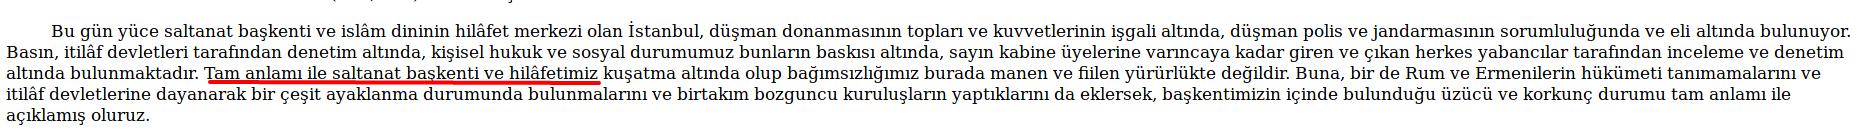 türklüğün en büyük düşmanı siyasal islamdır